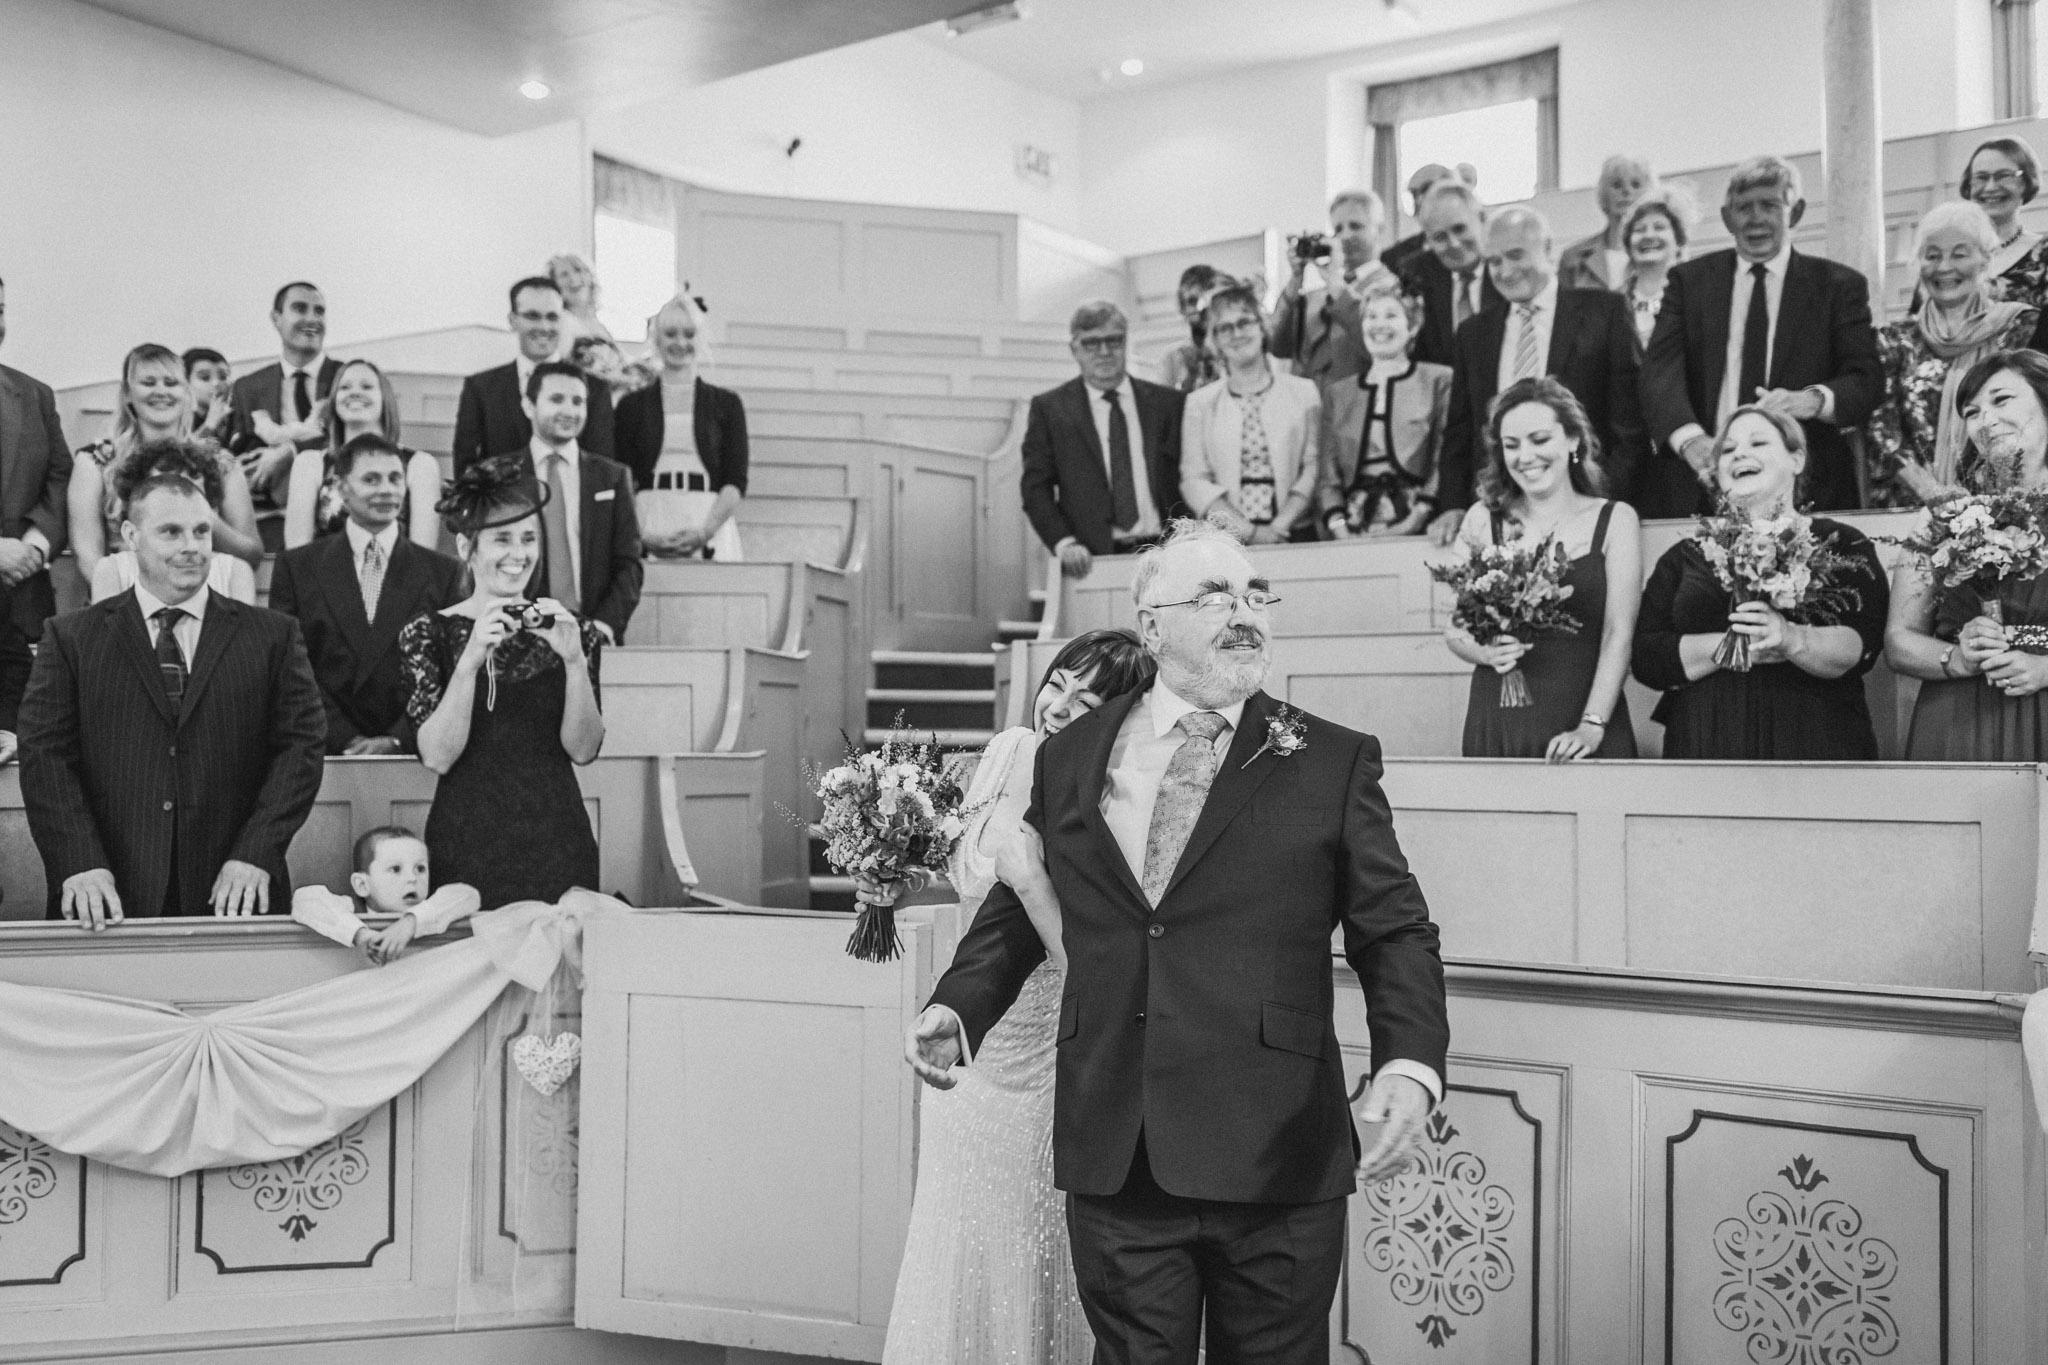 wedding_robin_hoods_bay_whitby_025.jpg